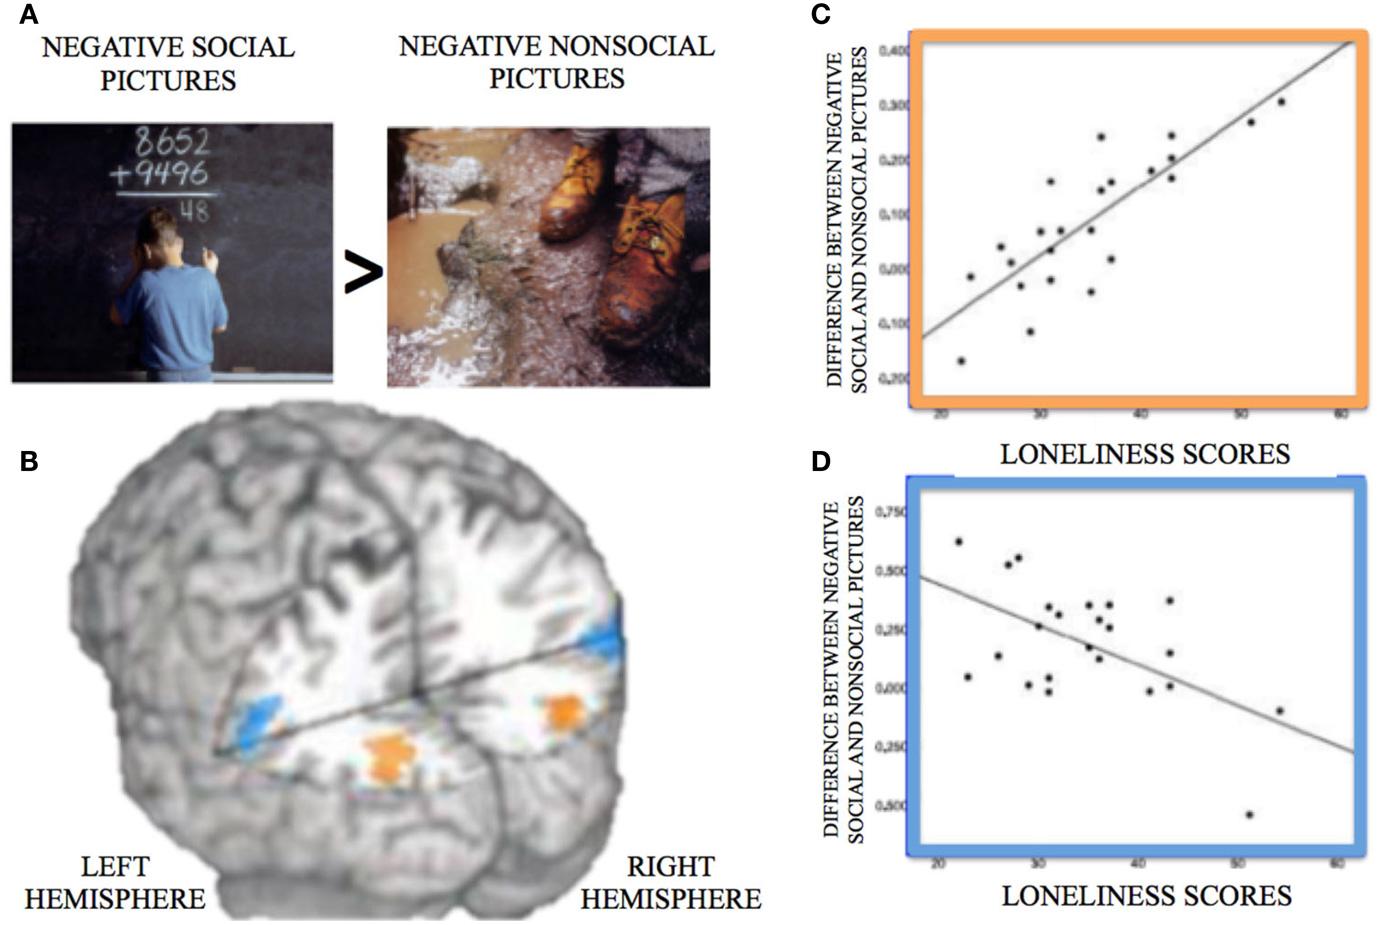 איור 2 - A. דוגמה לתמונות שהשתמשו בהן בניסויים של סריקה מוחית, אשר מייצגות חוויה שלילית (חברתית משמאל, לא חברתית מימין).